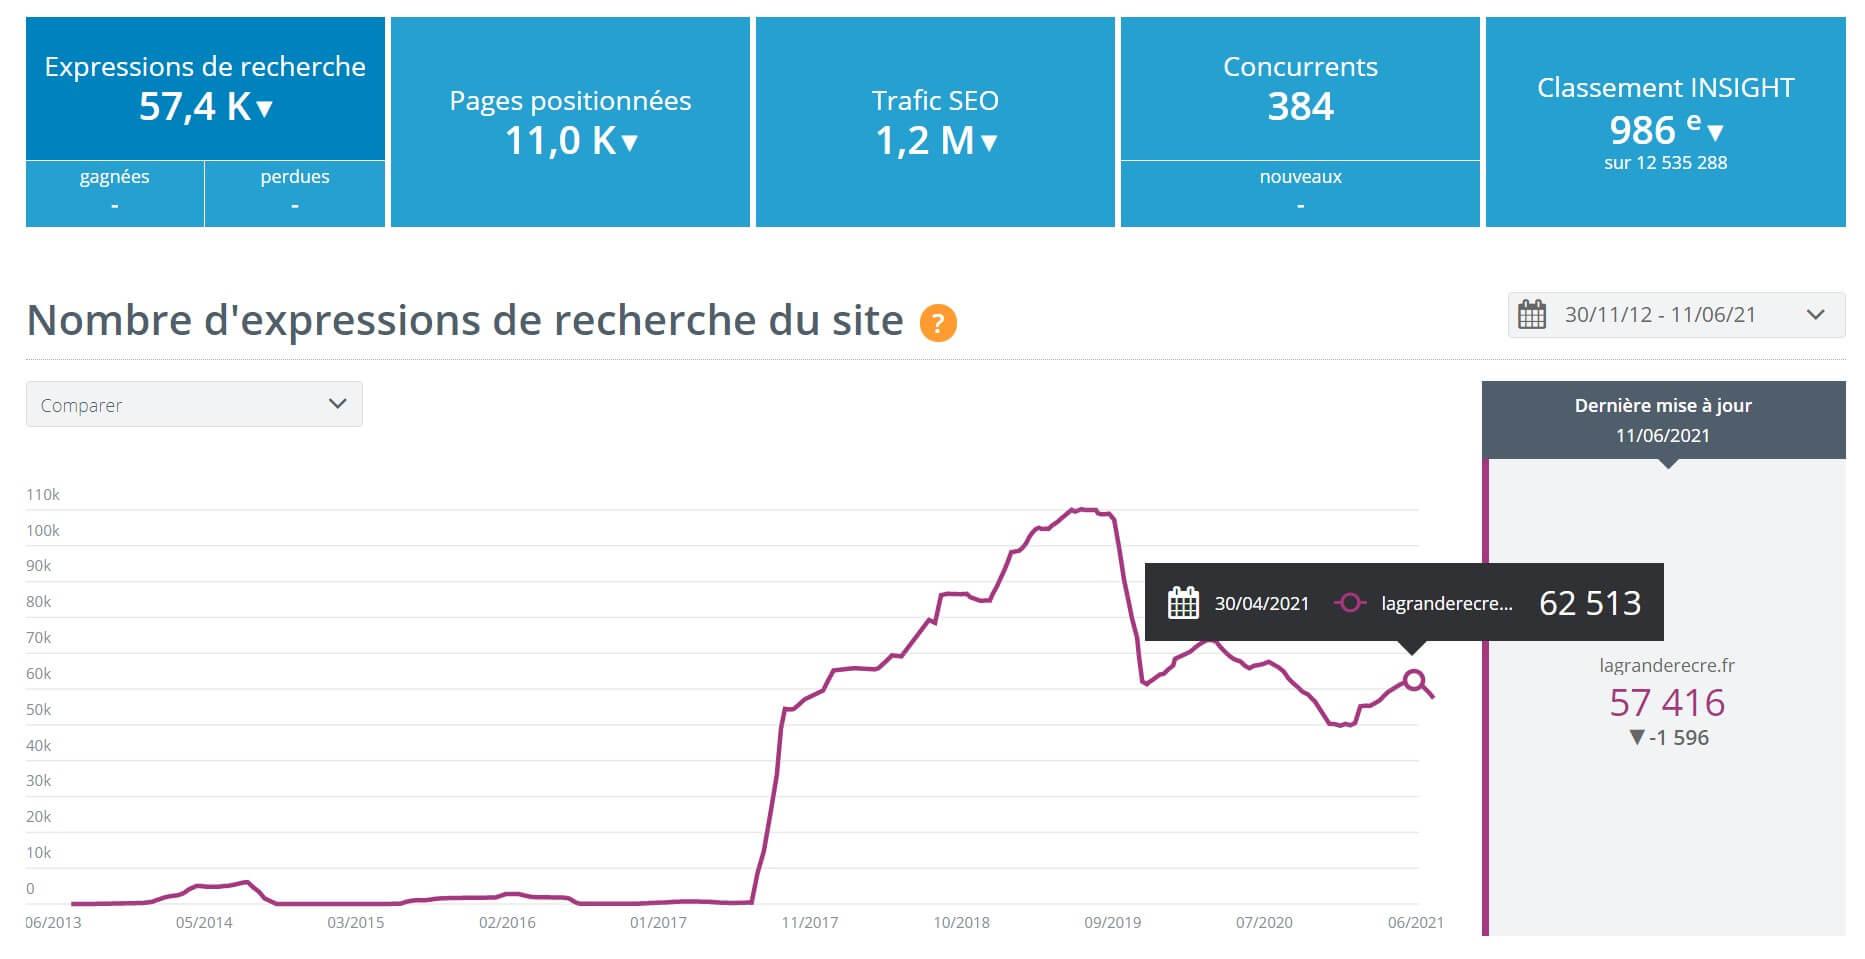 yooda insight fonctionnalité site performance graphique